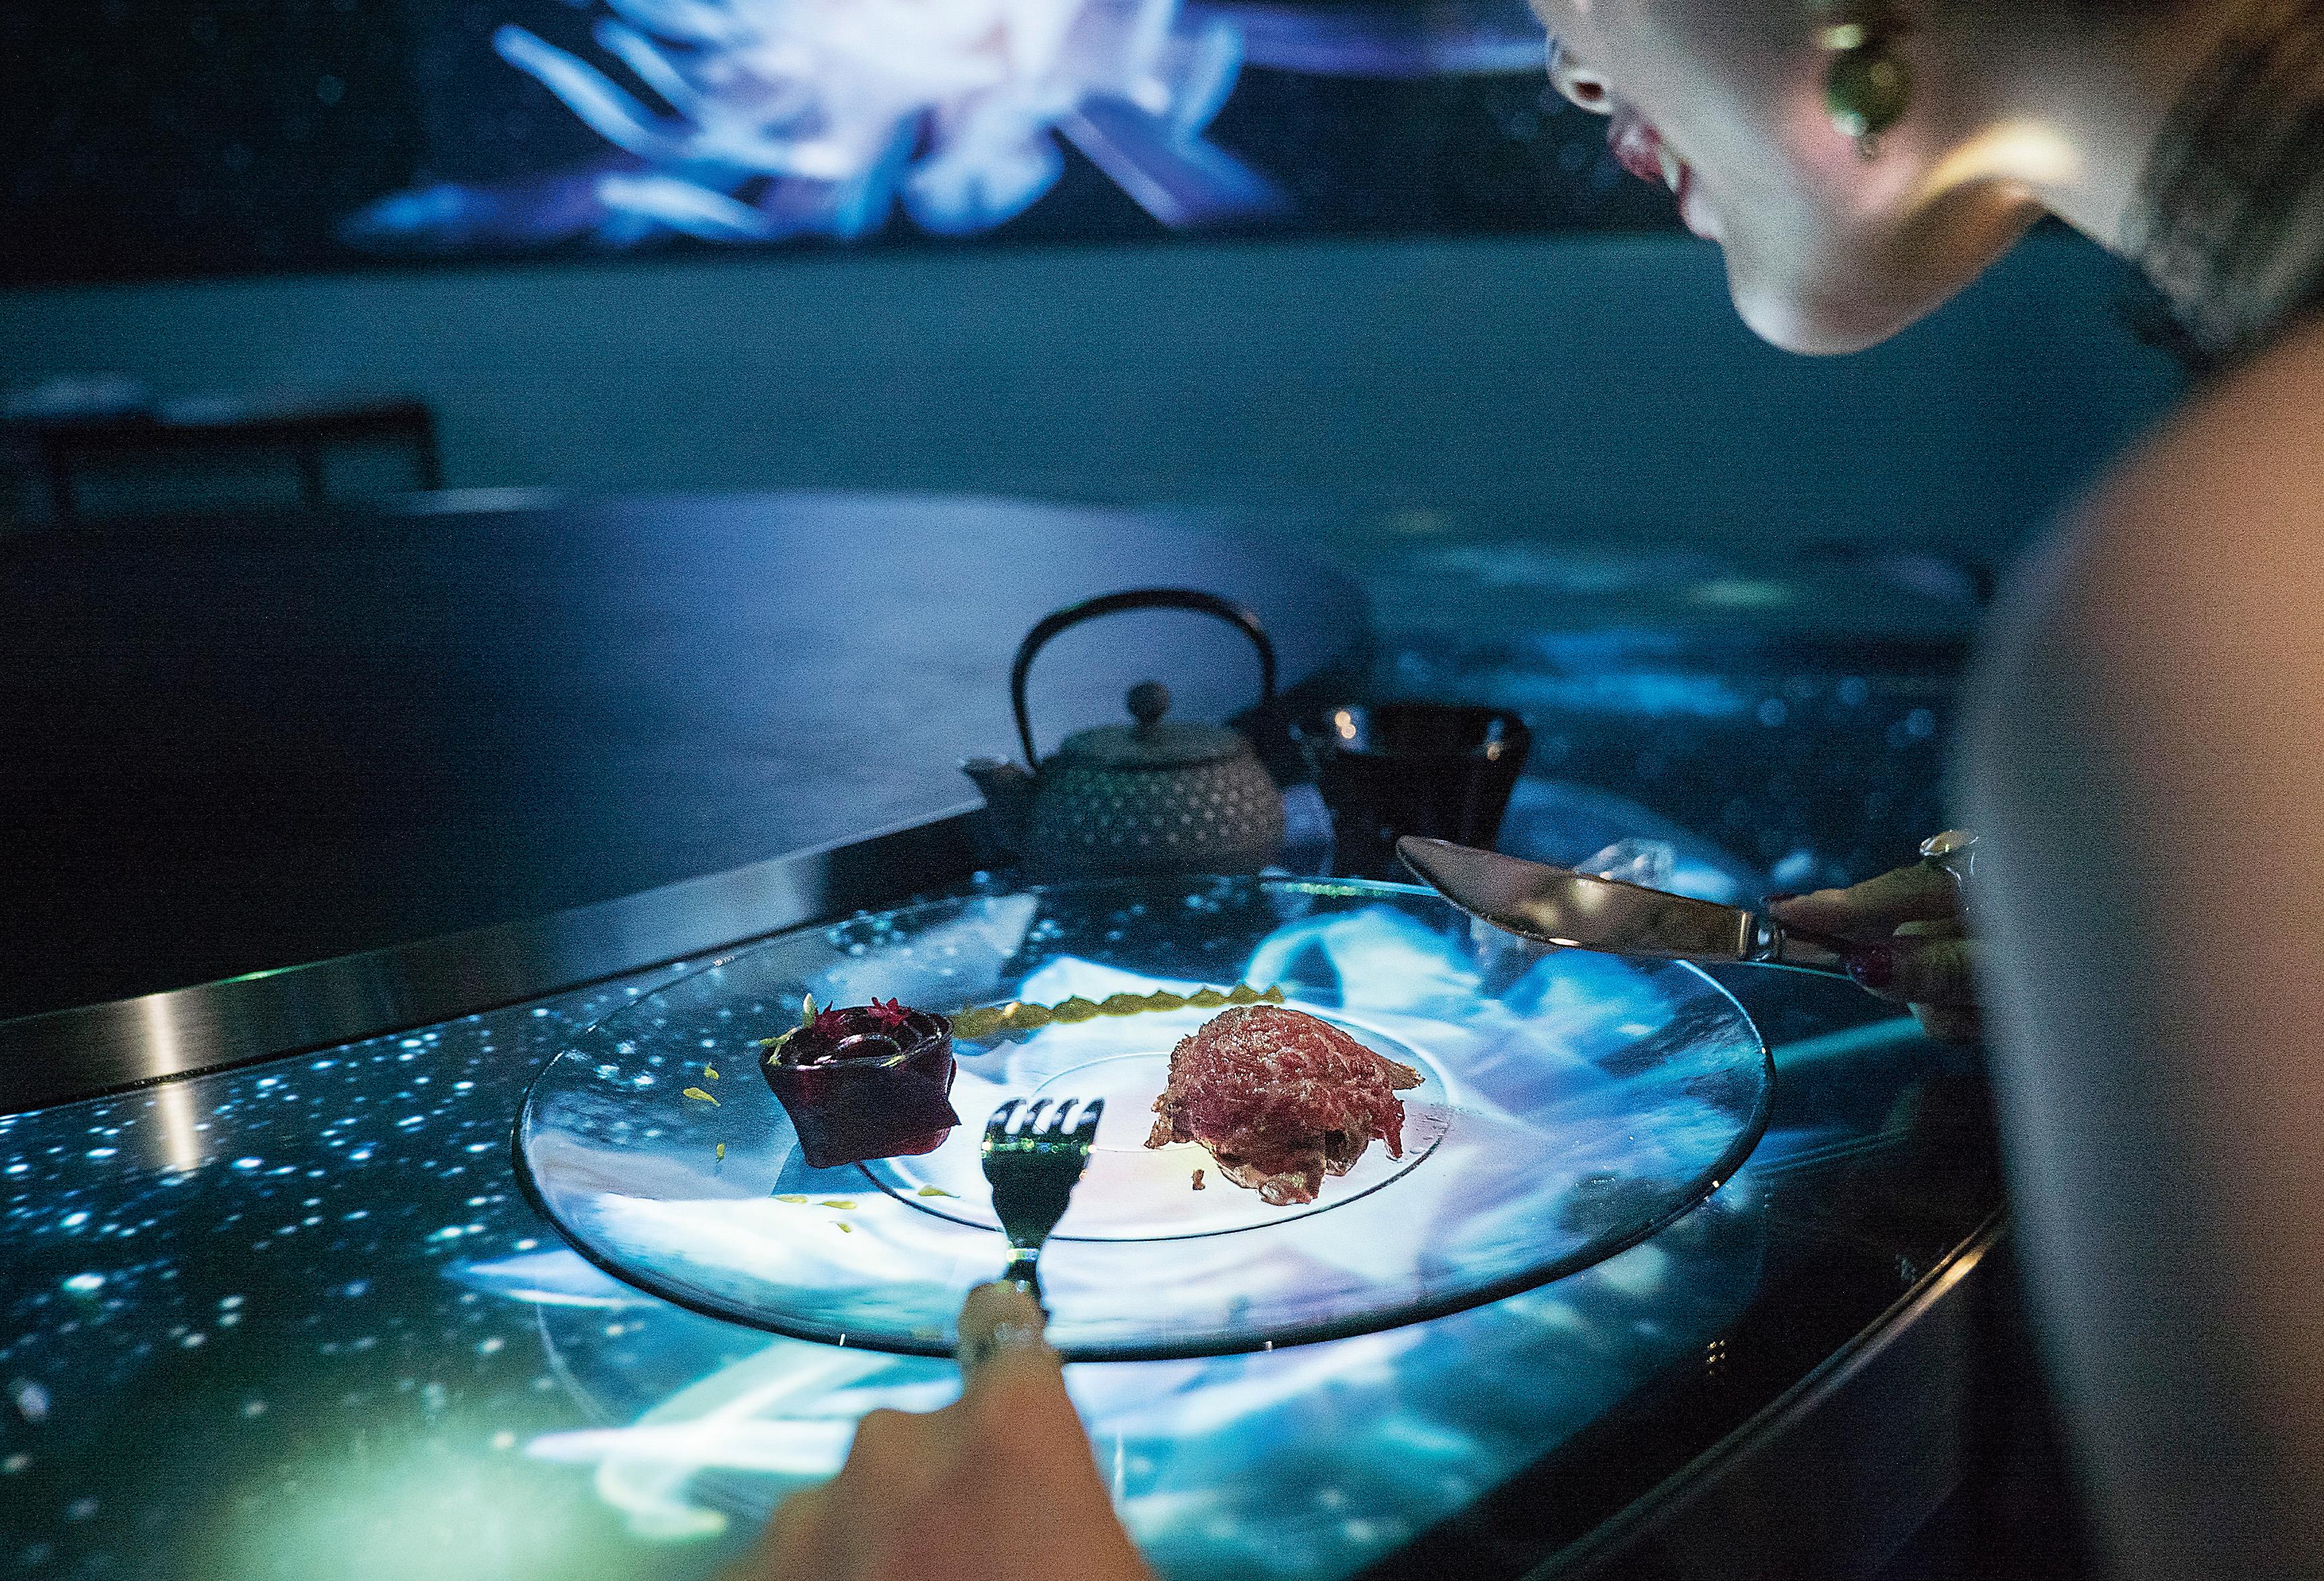 クリエイティブカンパニーNAKED が創りだす食×アートの体験型レストランディナー